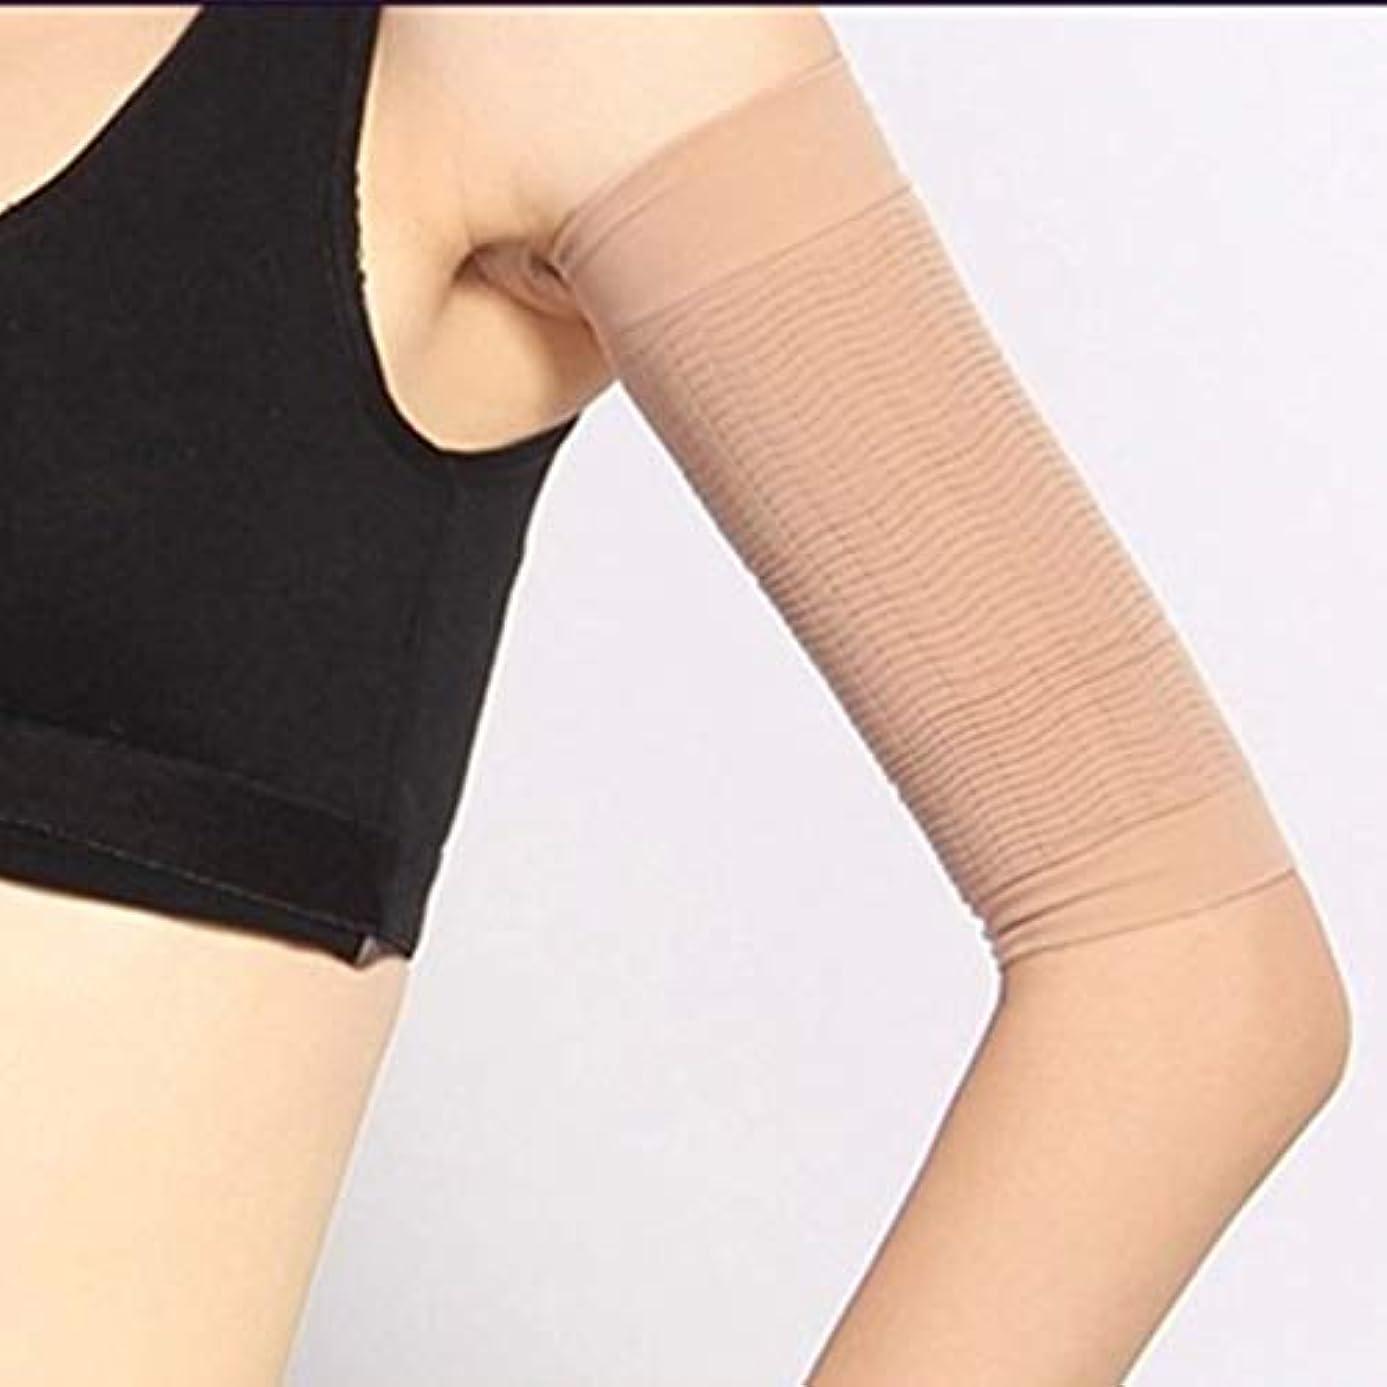 ハードリング視力凍る1ペア420 D圧縮痩身アームスリーブワークアウトトーニングバーンセルライトシェイパー脂肪燃焼袖用女性 - 肌色